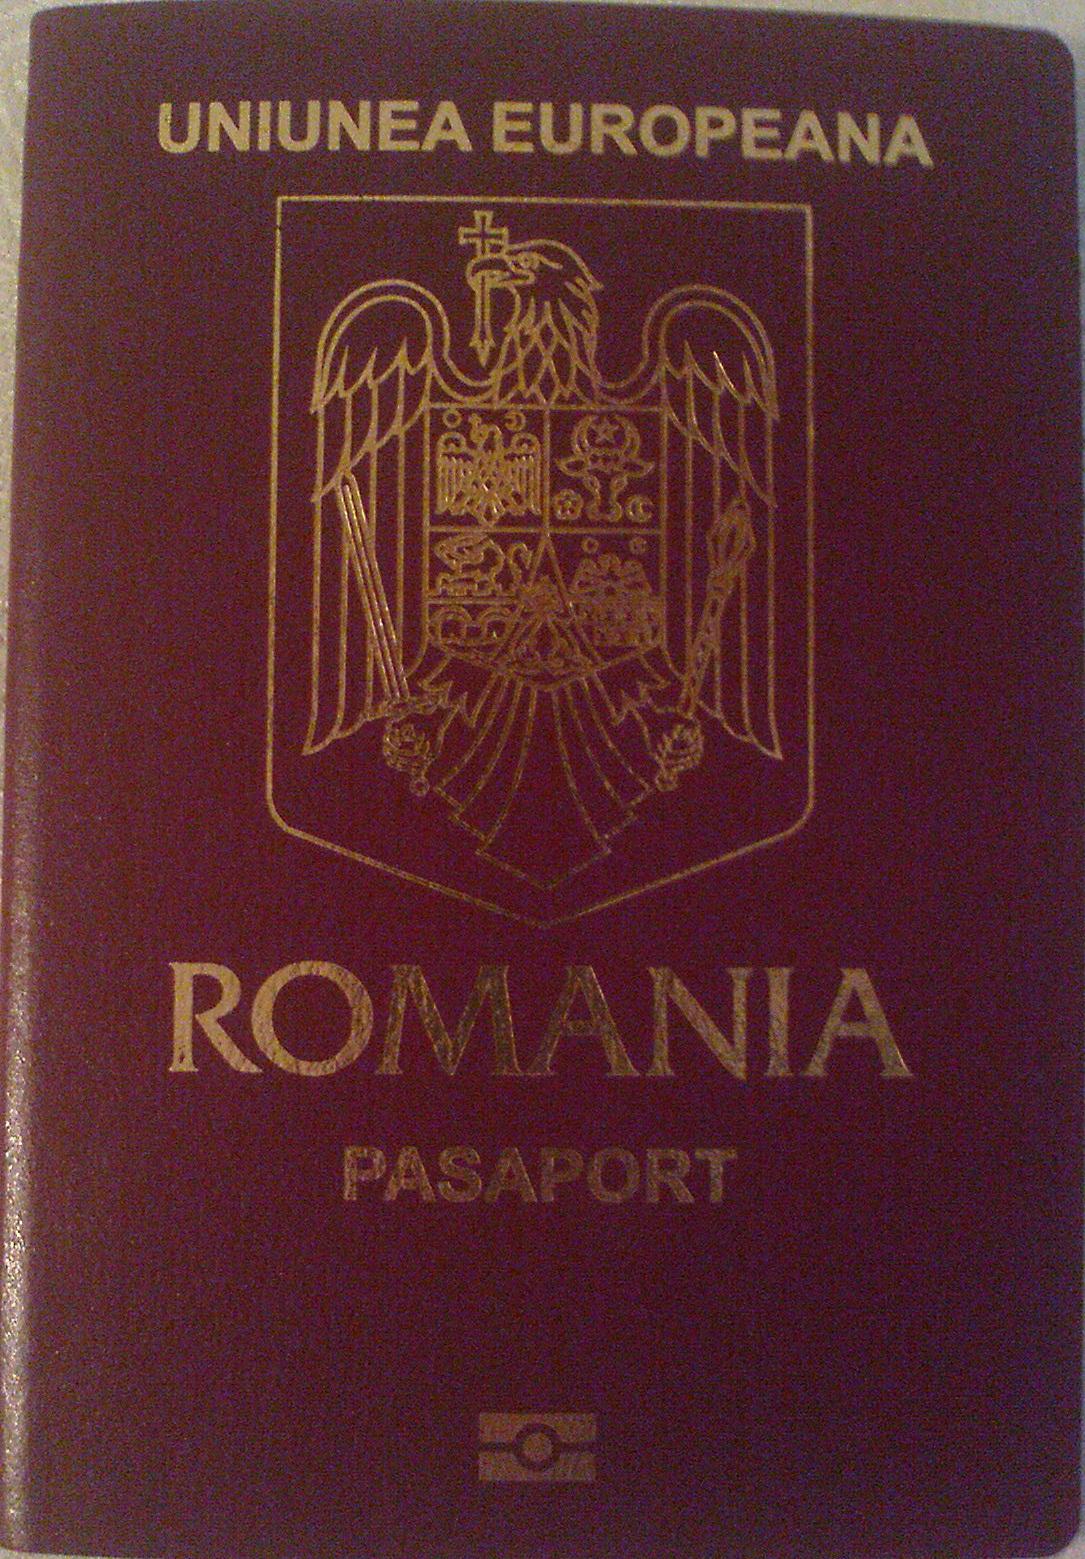 אזרחות רומנית - עמותת אזרחים ושורשים